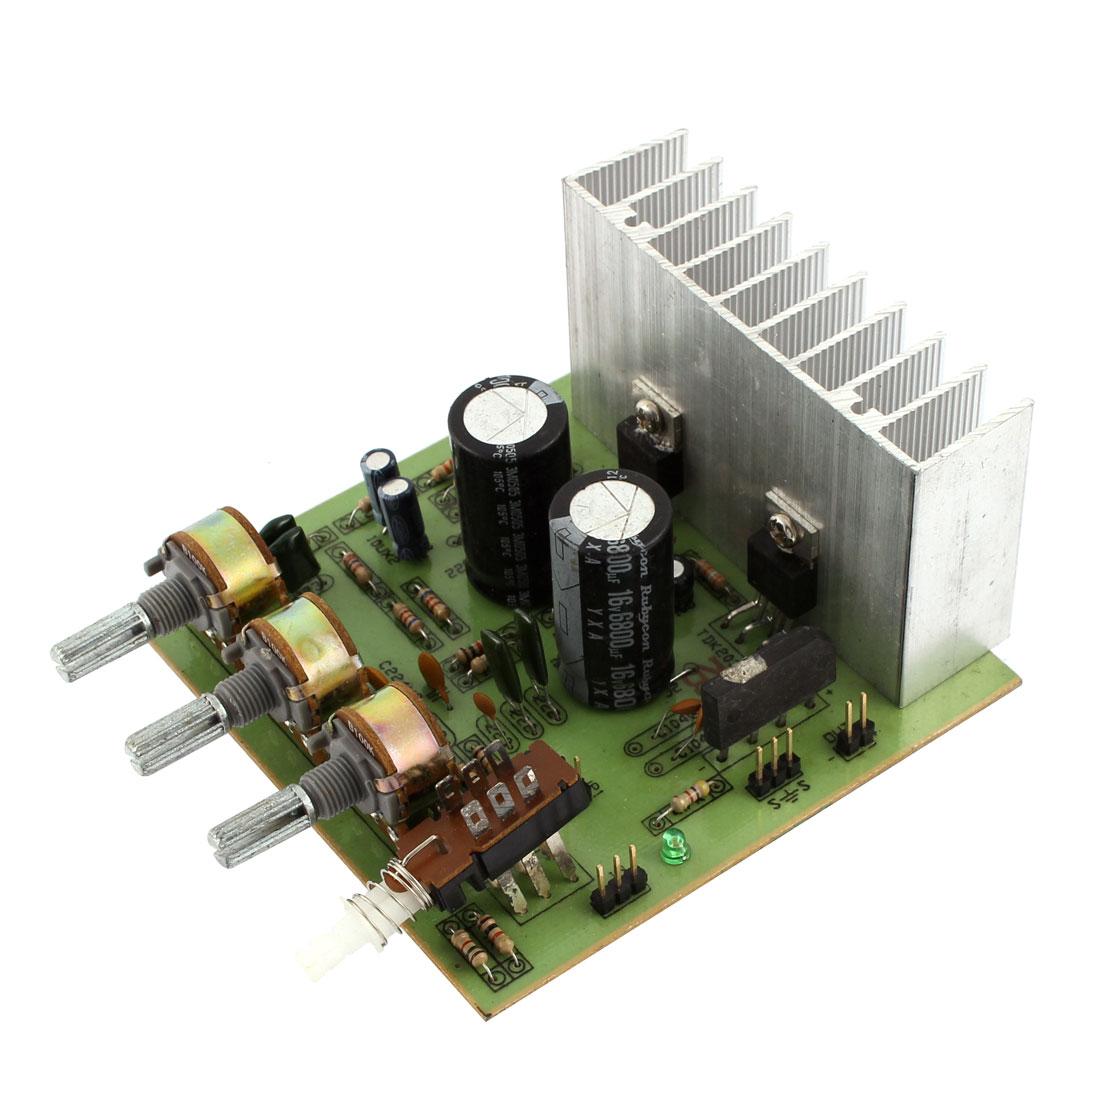 LFE Subwoofer Audio Hi-Fi 2 Channel Car Boat Stereo Power Amplifier Board